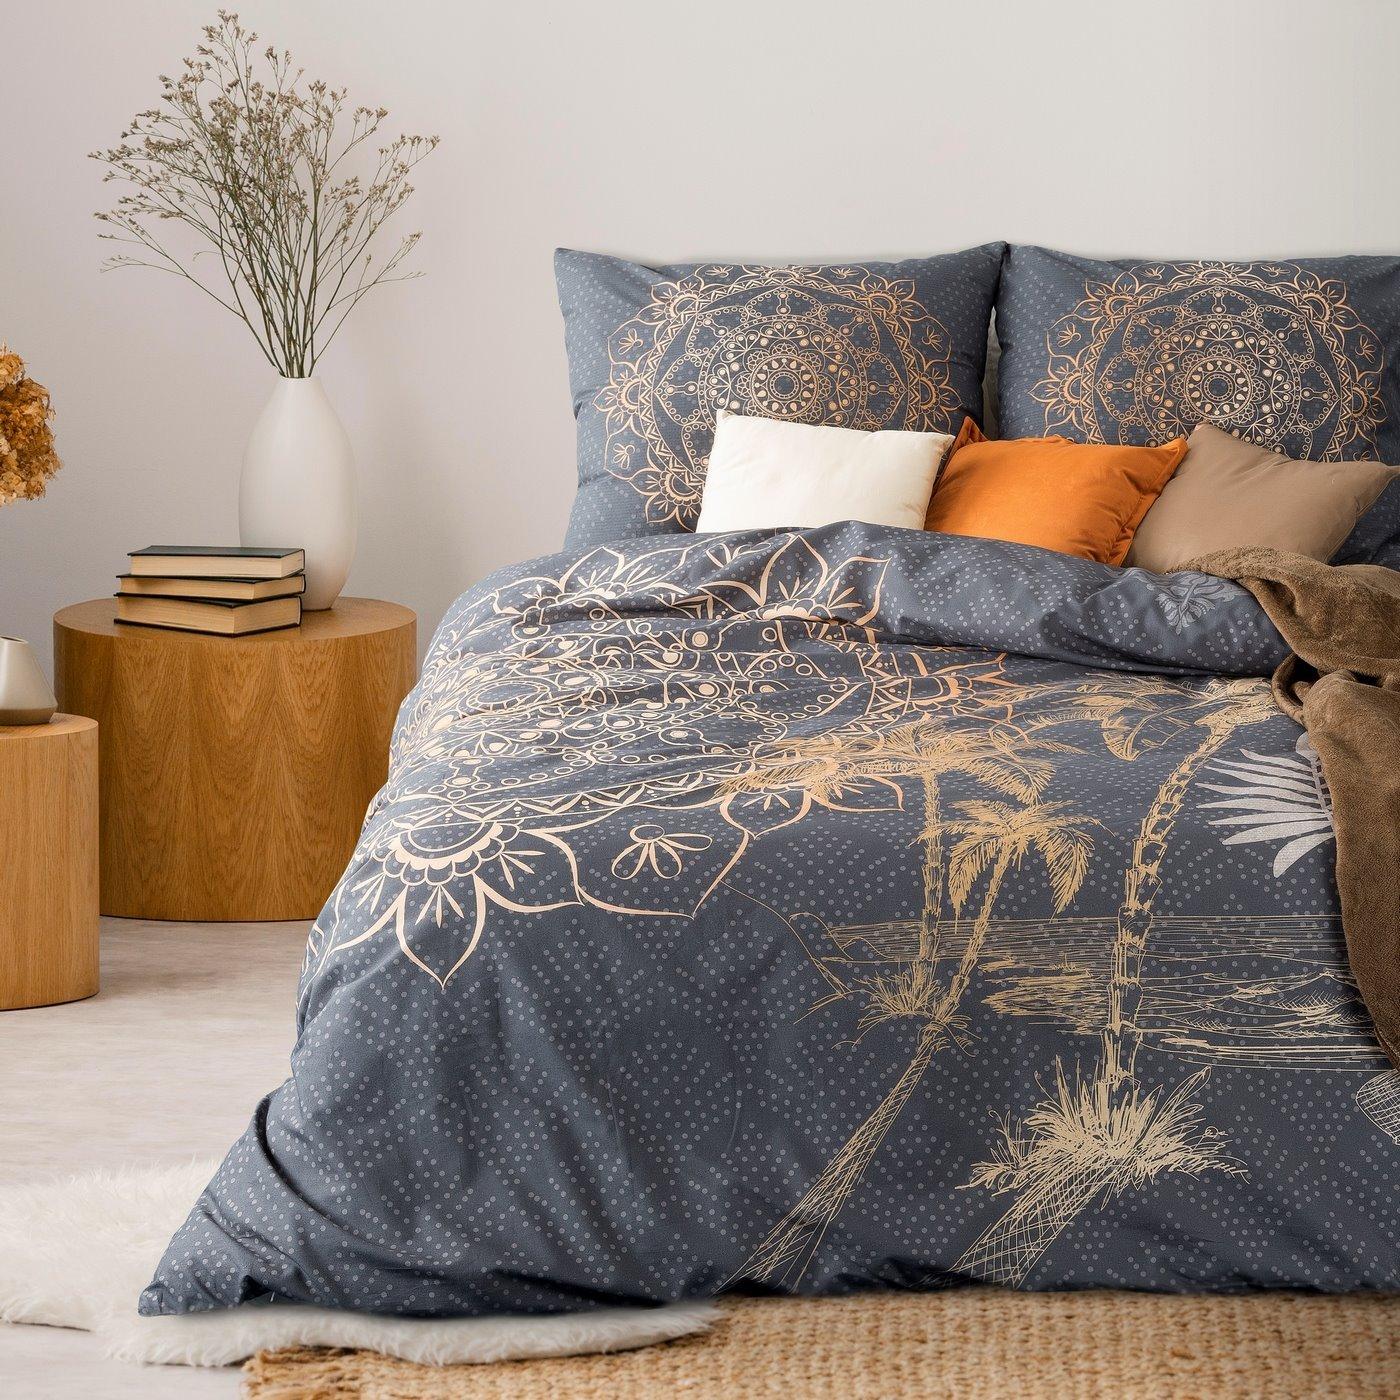 Komplet pościeli bawełnianej 160 x 200, 2 szt. 70 x 80 złota mandala hiszpańska bawełna